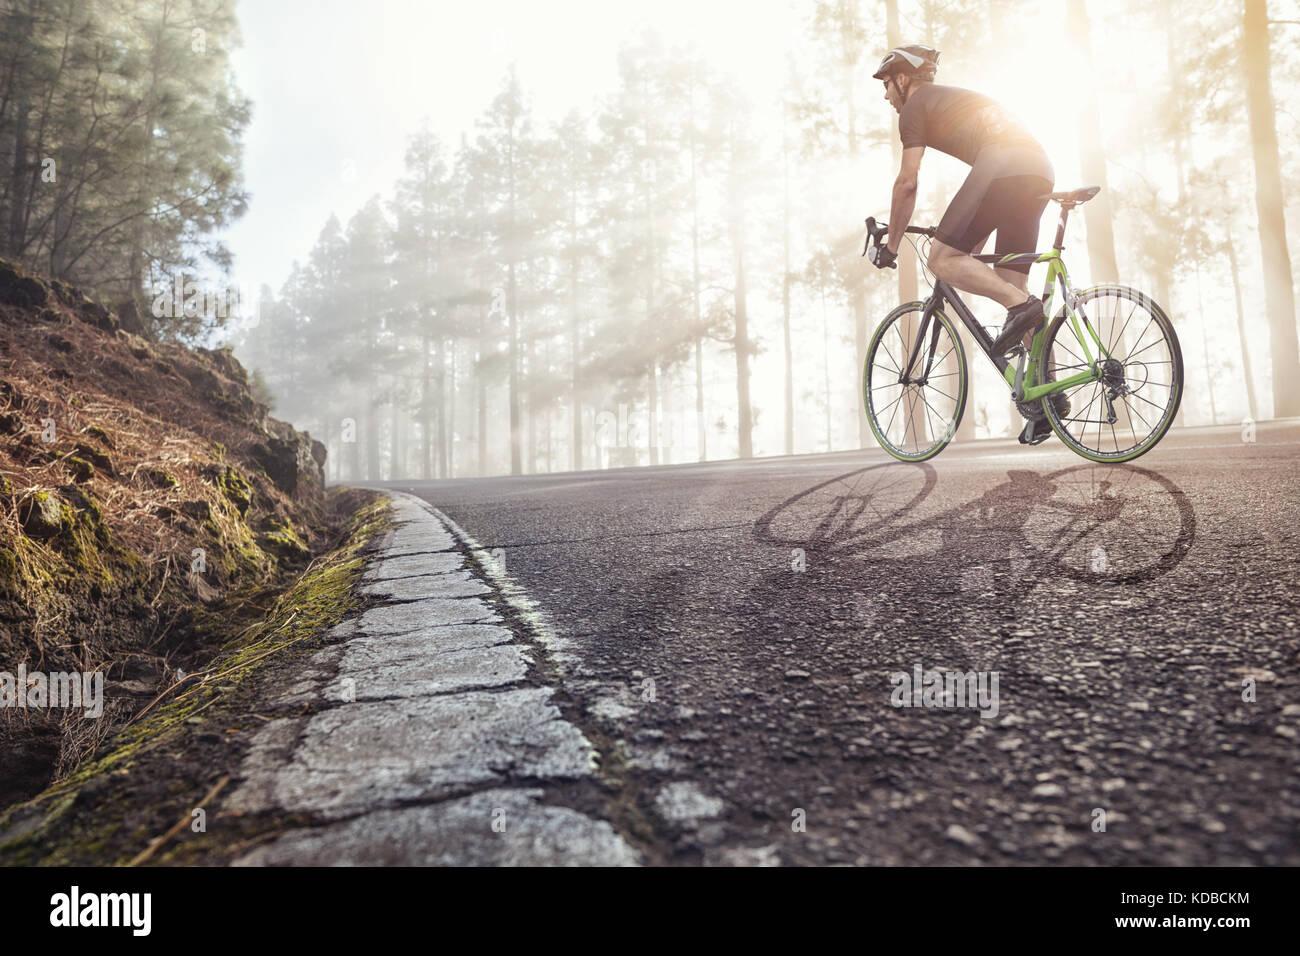 Cycliste sur route dans une forêt brumeuse Photo Stock